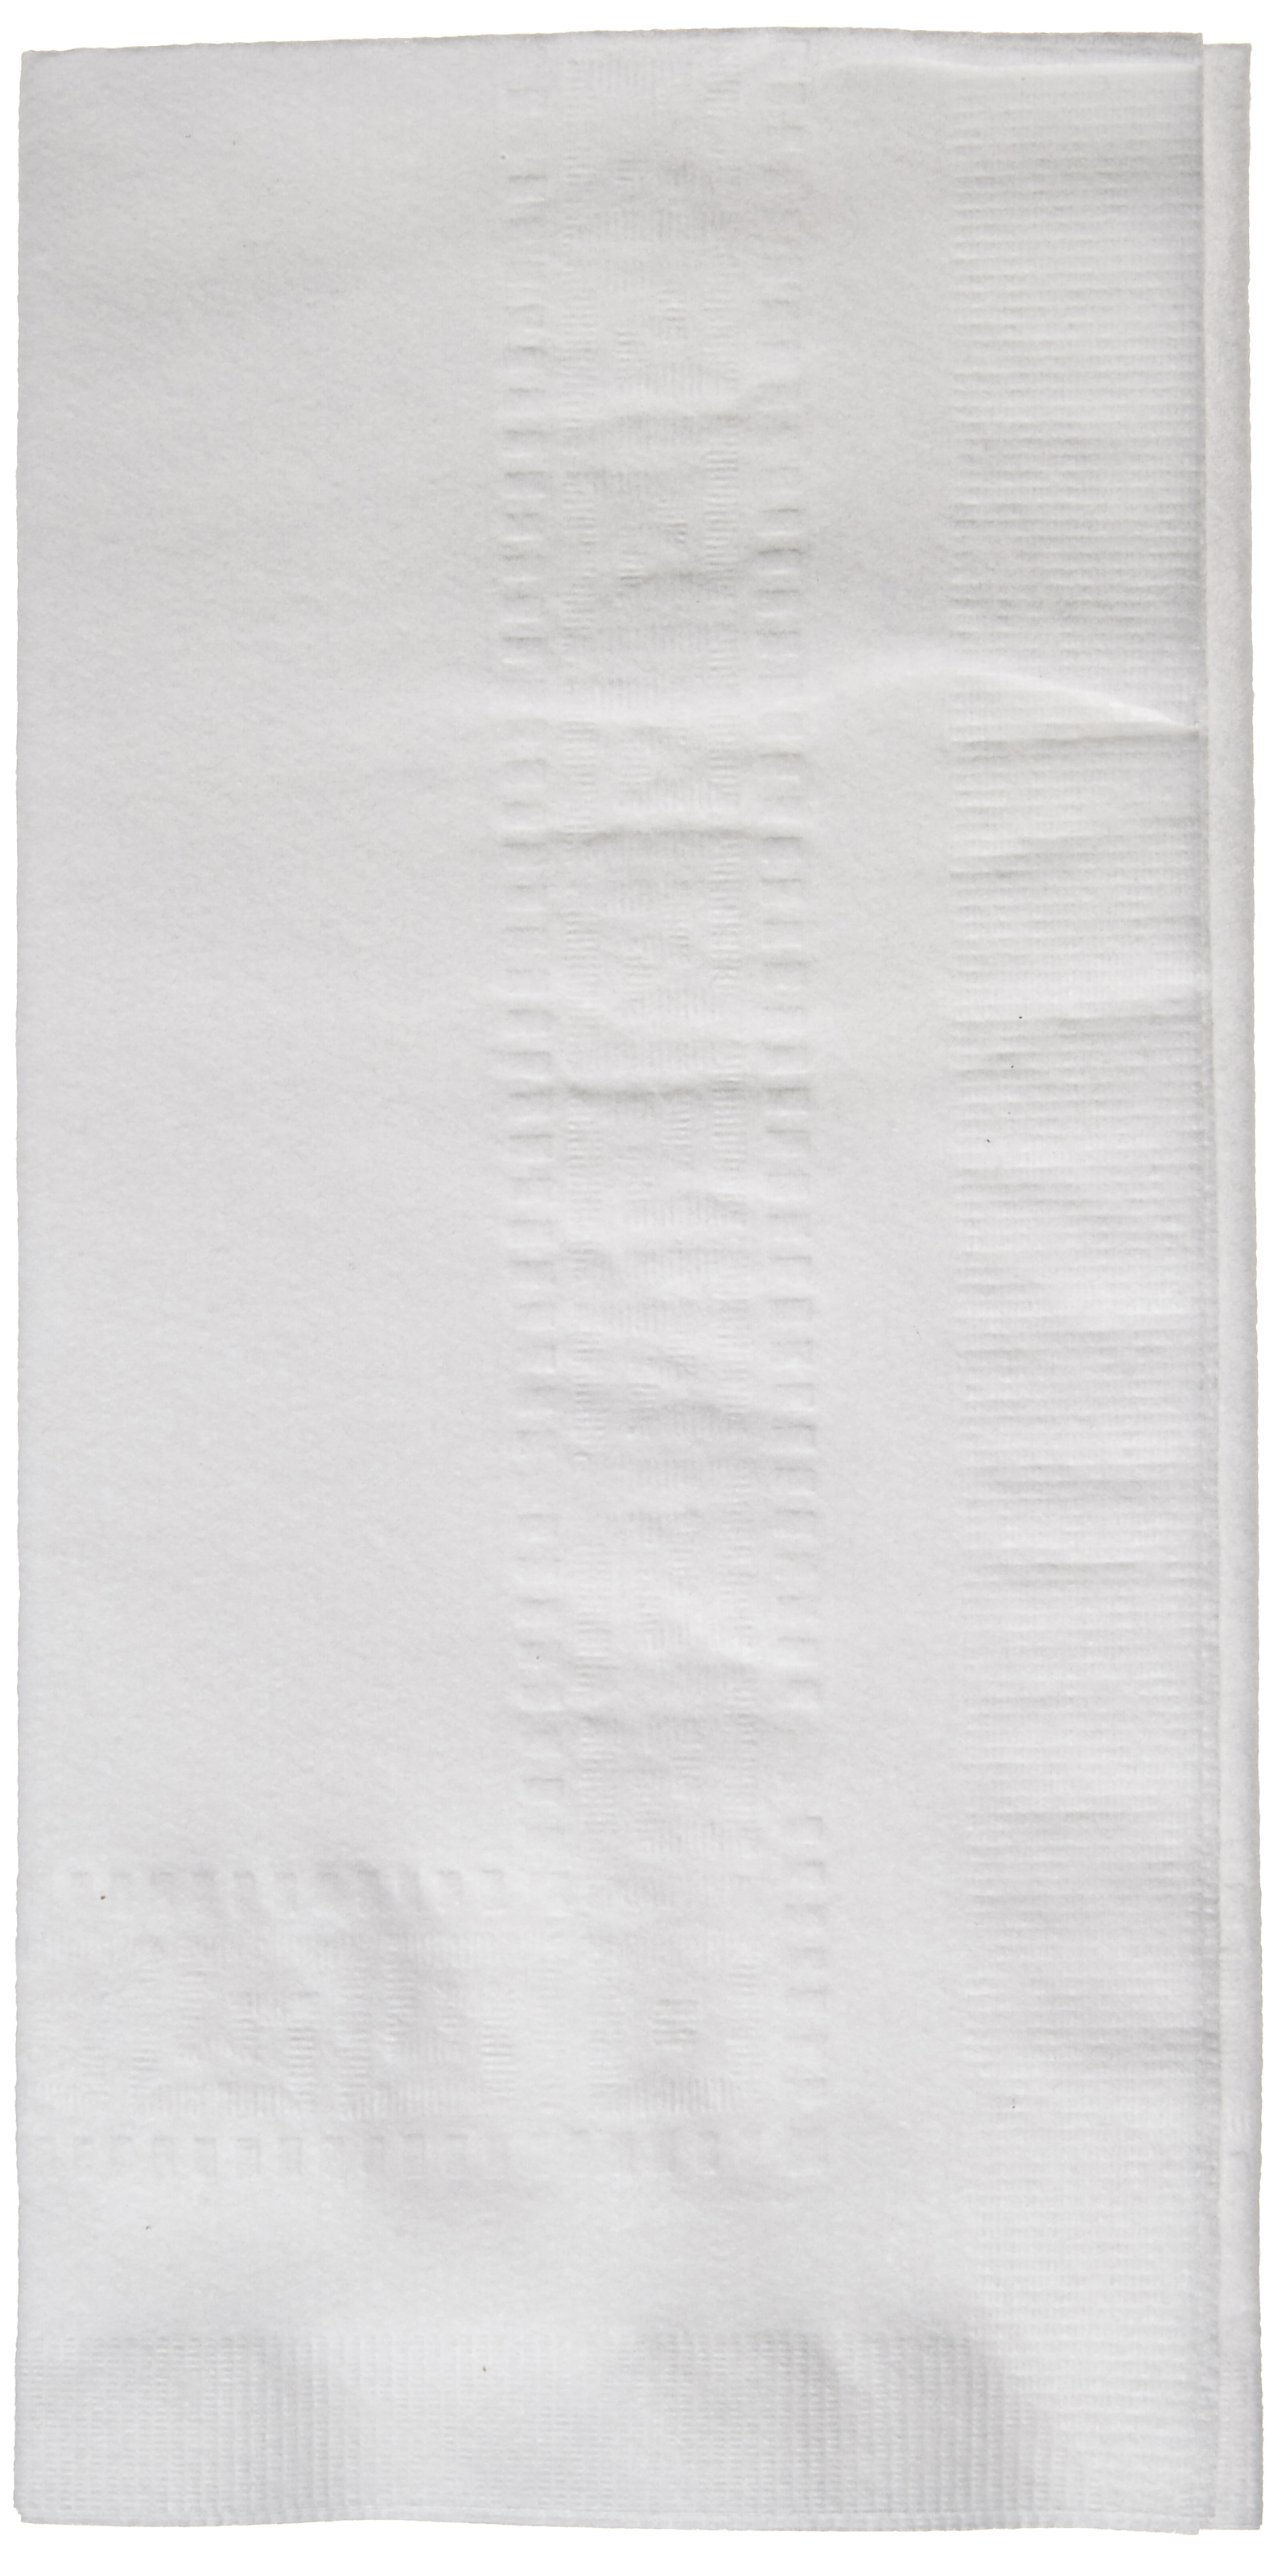 Hoffmaster 120051 Linen-Like Greek Key Embossed Dinner Napkin, 1/8 Fold, 17'' Length x 17'' Width, White (Case of 300)